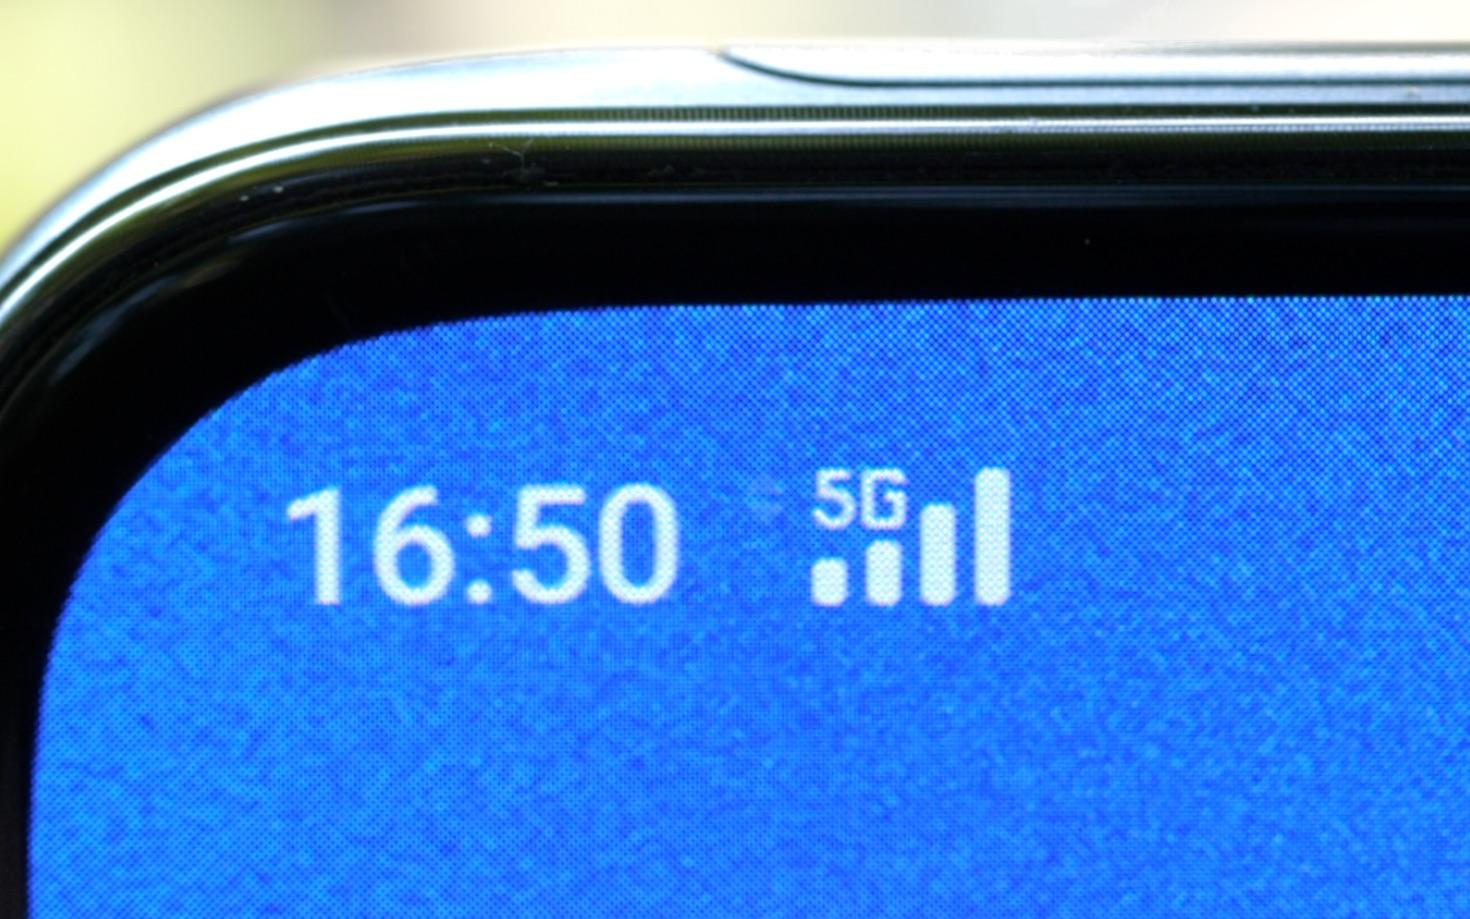 【何同学】有多快?5G在日常使用中的真实体验